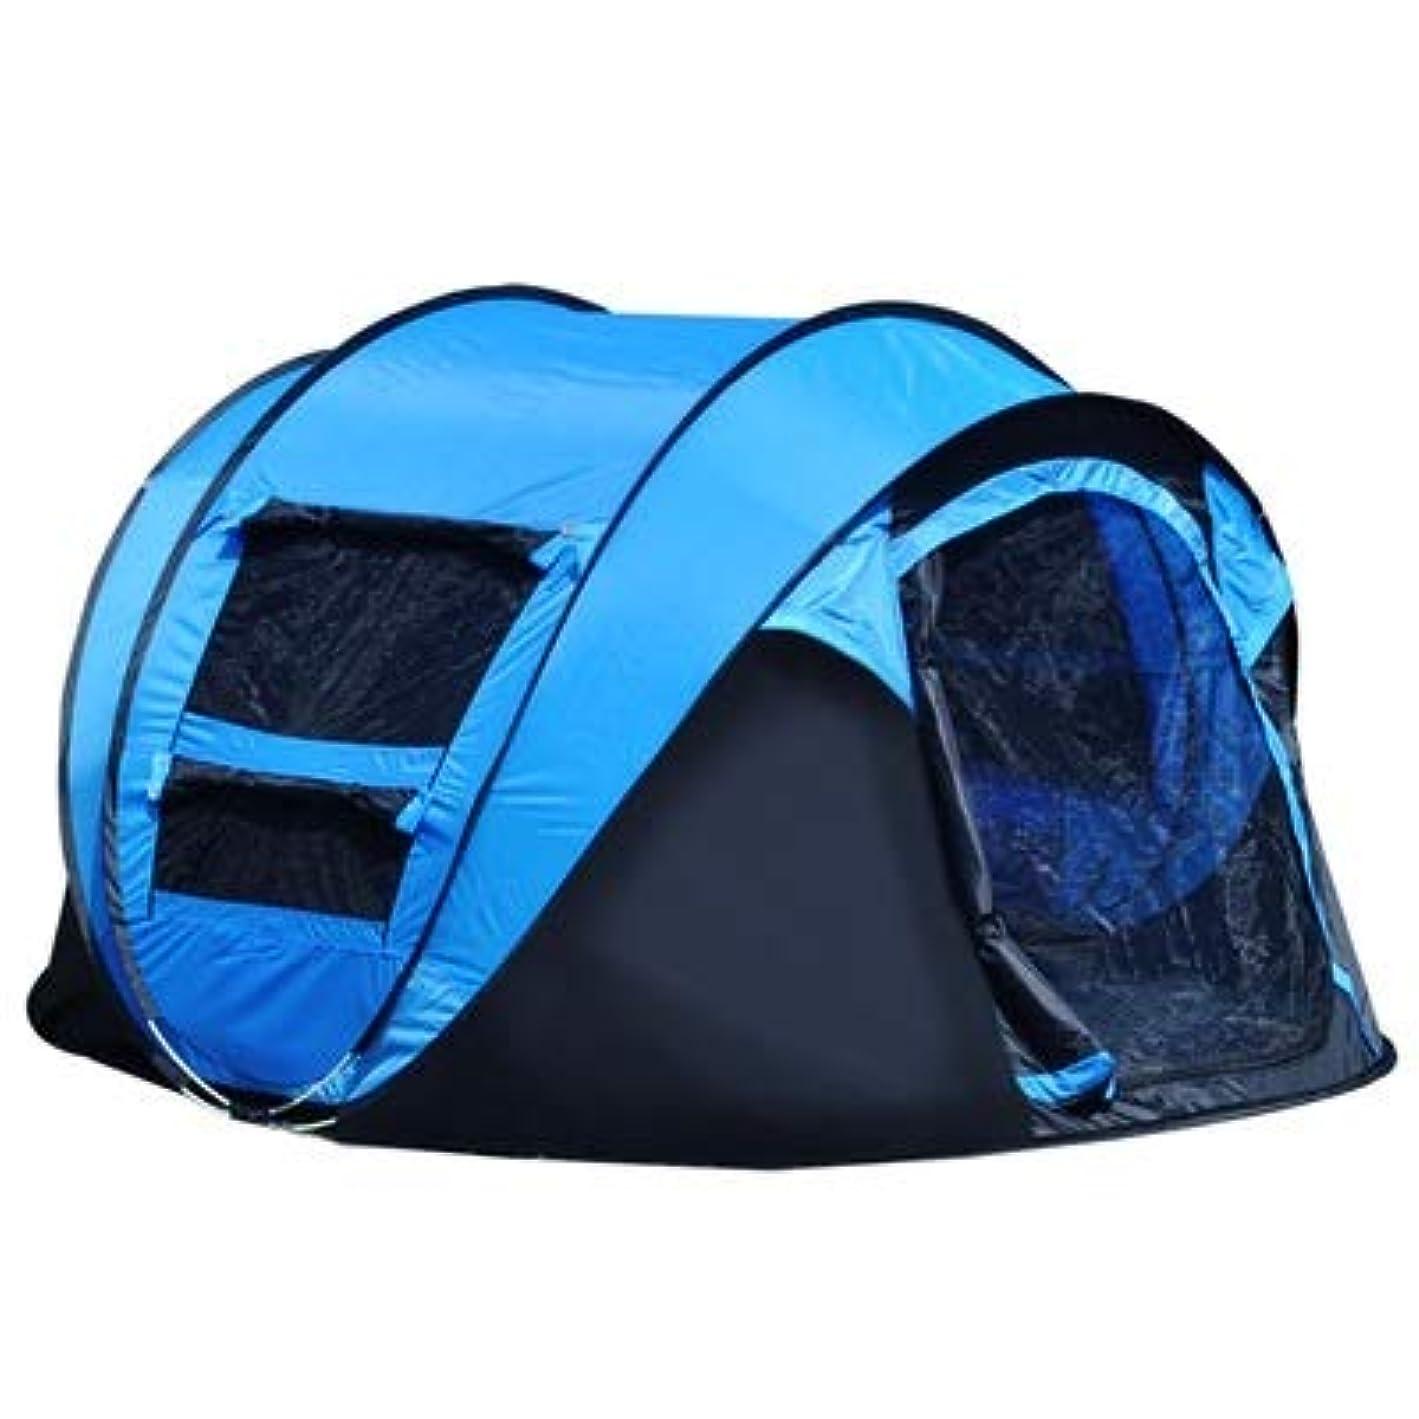 学校ワックス貝殻ShiMin ビーチテントとキャンプテント、簡単セットアップとアウトドアポータブルテント、サンシェルター